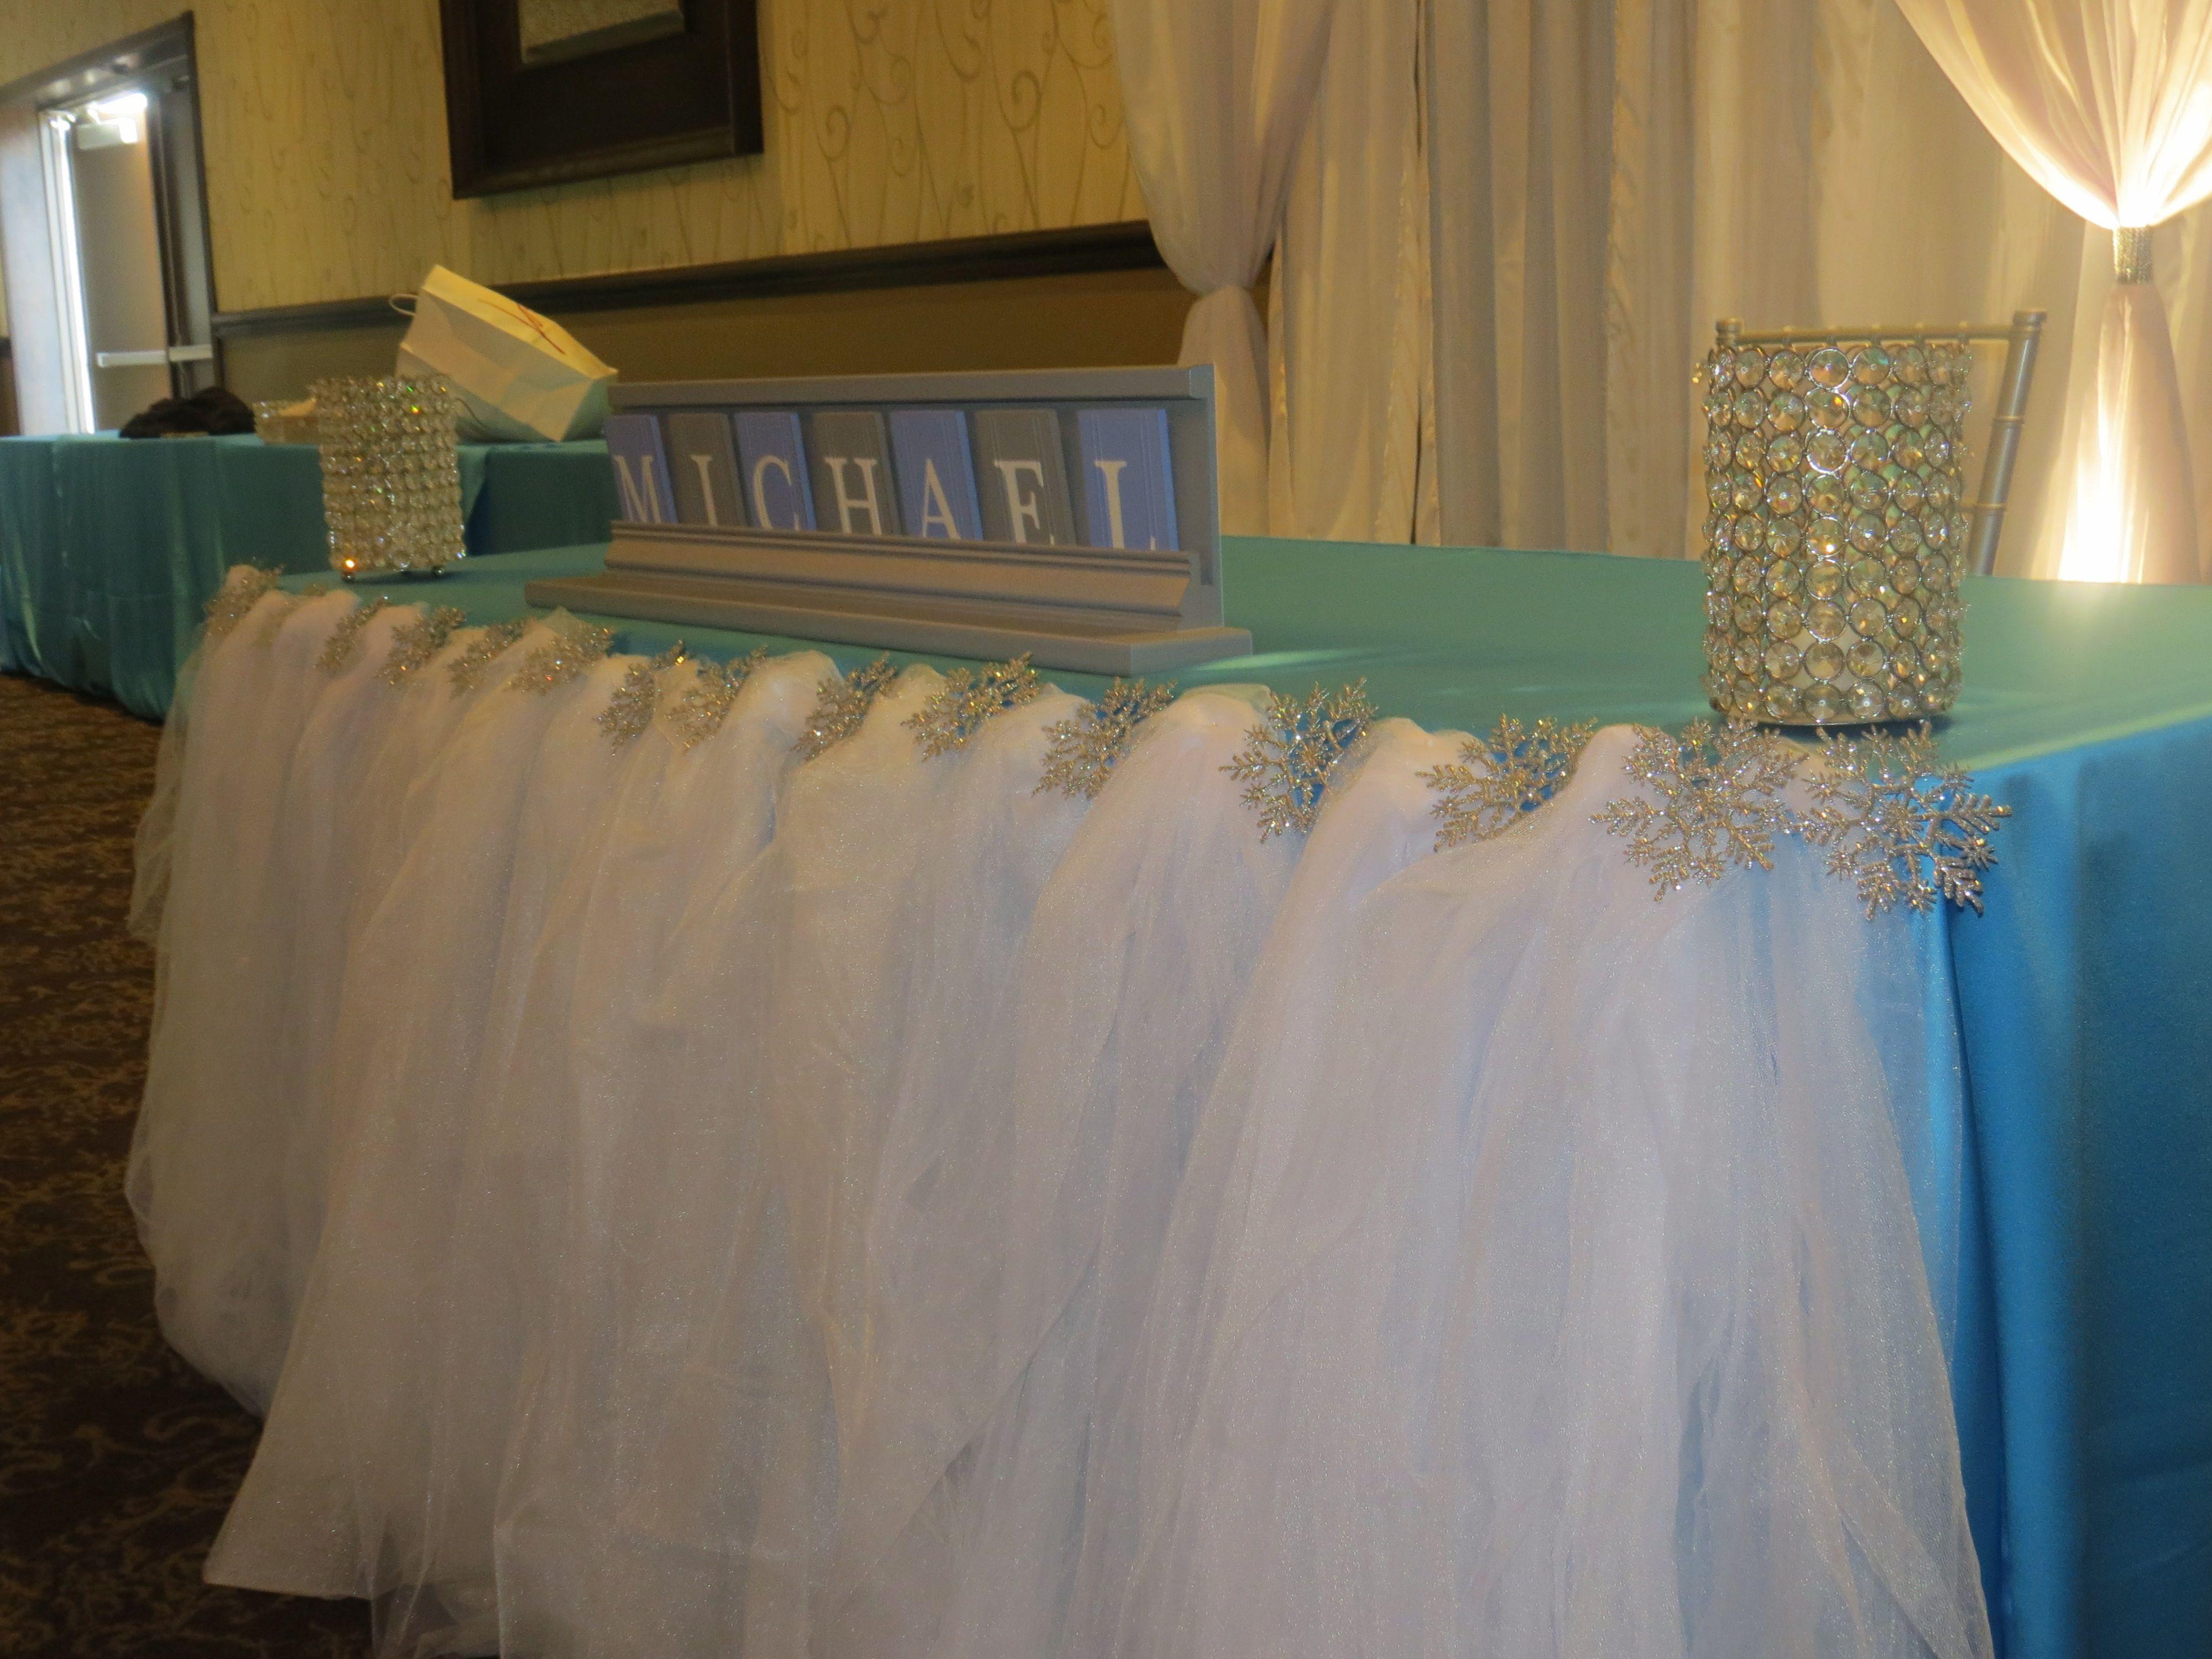 Kara's Party Ideas Winter Wonderland Baby Shower | Kara's ... |Winter Theme Baby Shower